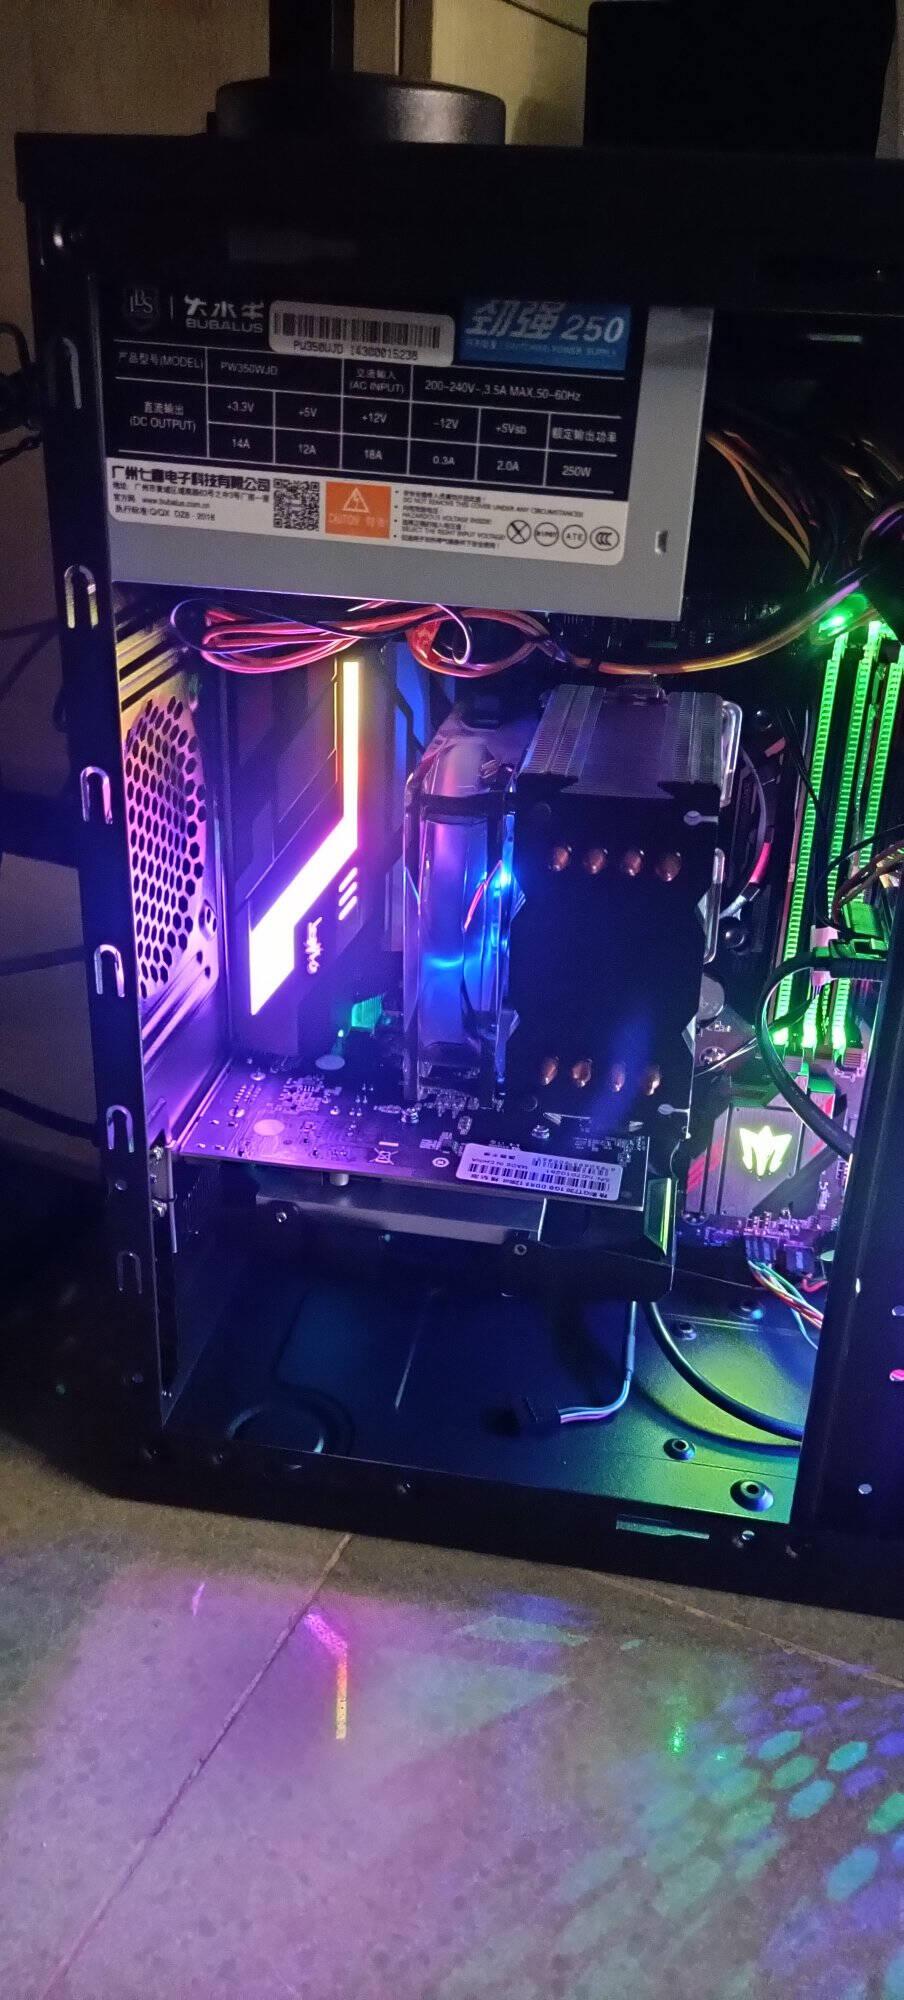 大水牛(BUBALUS)额定200W劲强200台式电脑电源(智能温控风扇/三年质保/低待机功耗/支持背线)